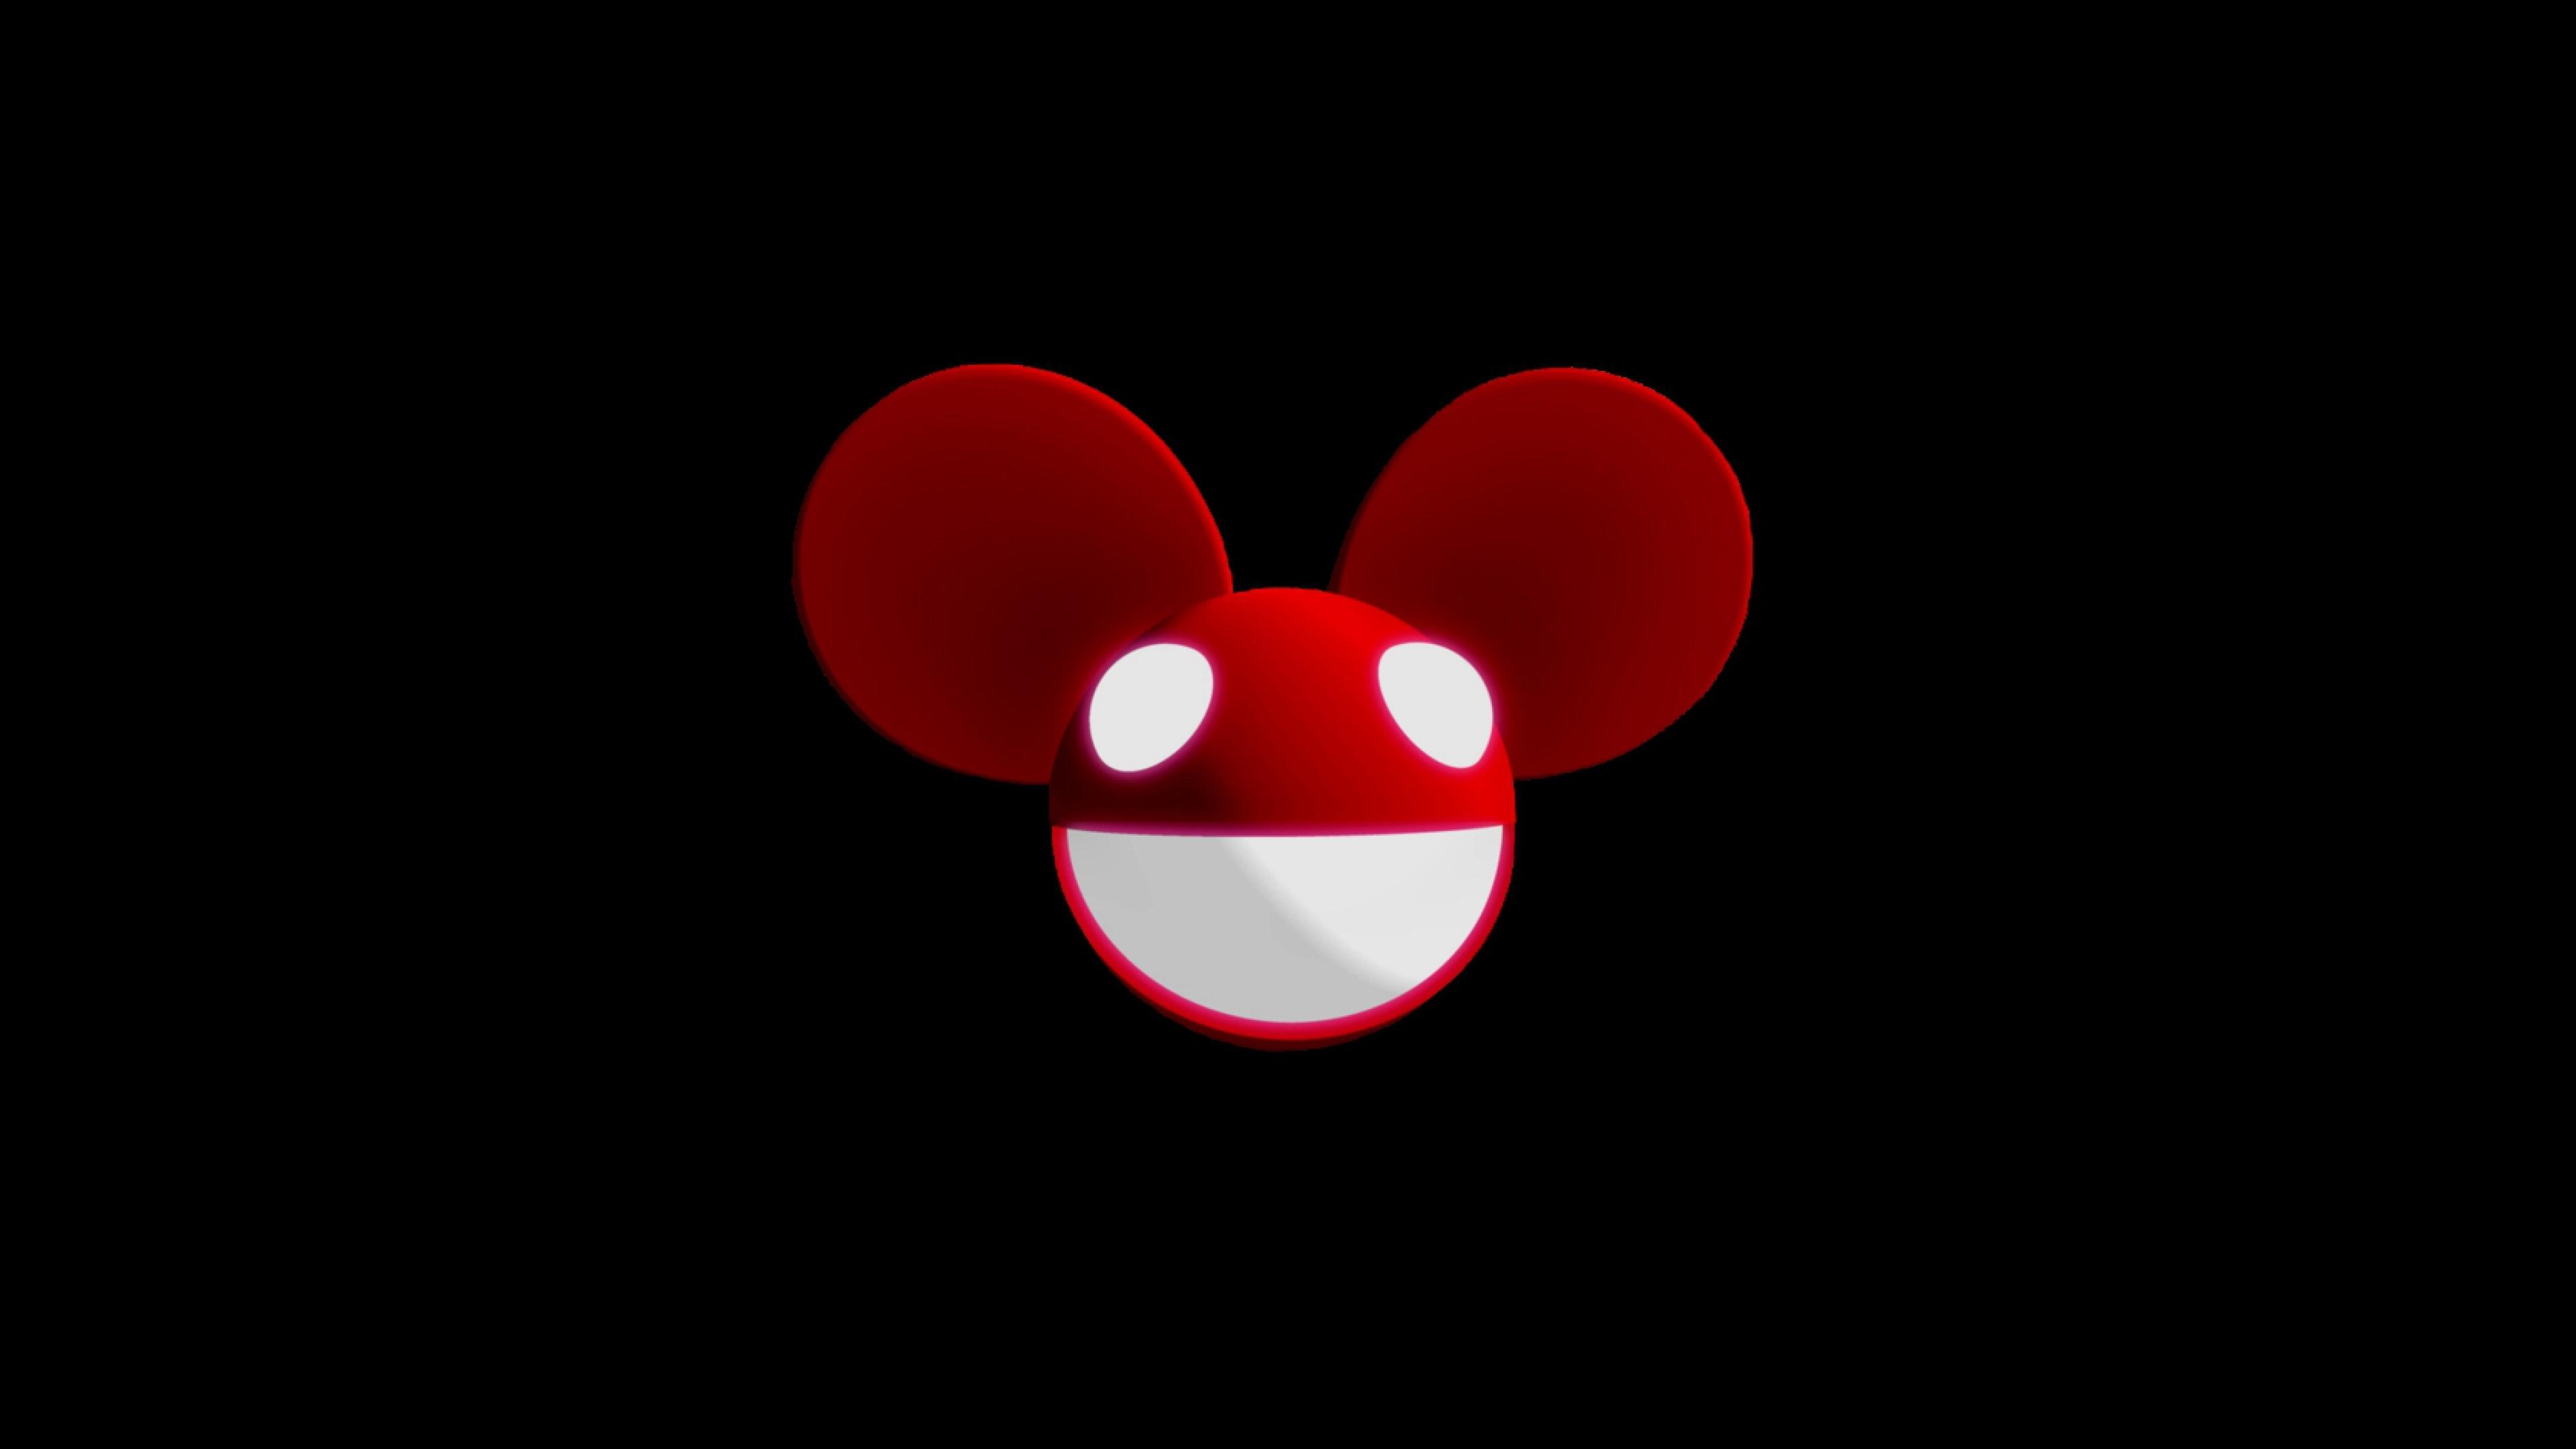 deadmau5 music red wallpaper - photo #11